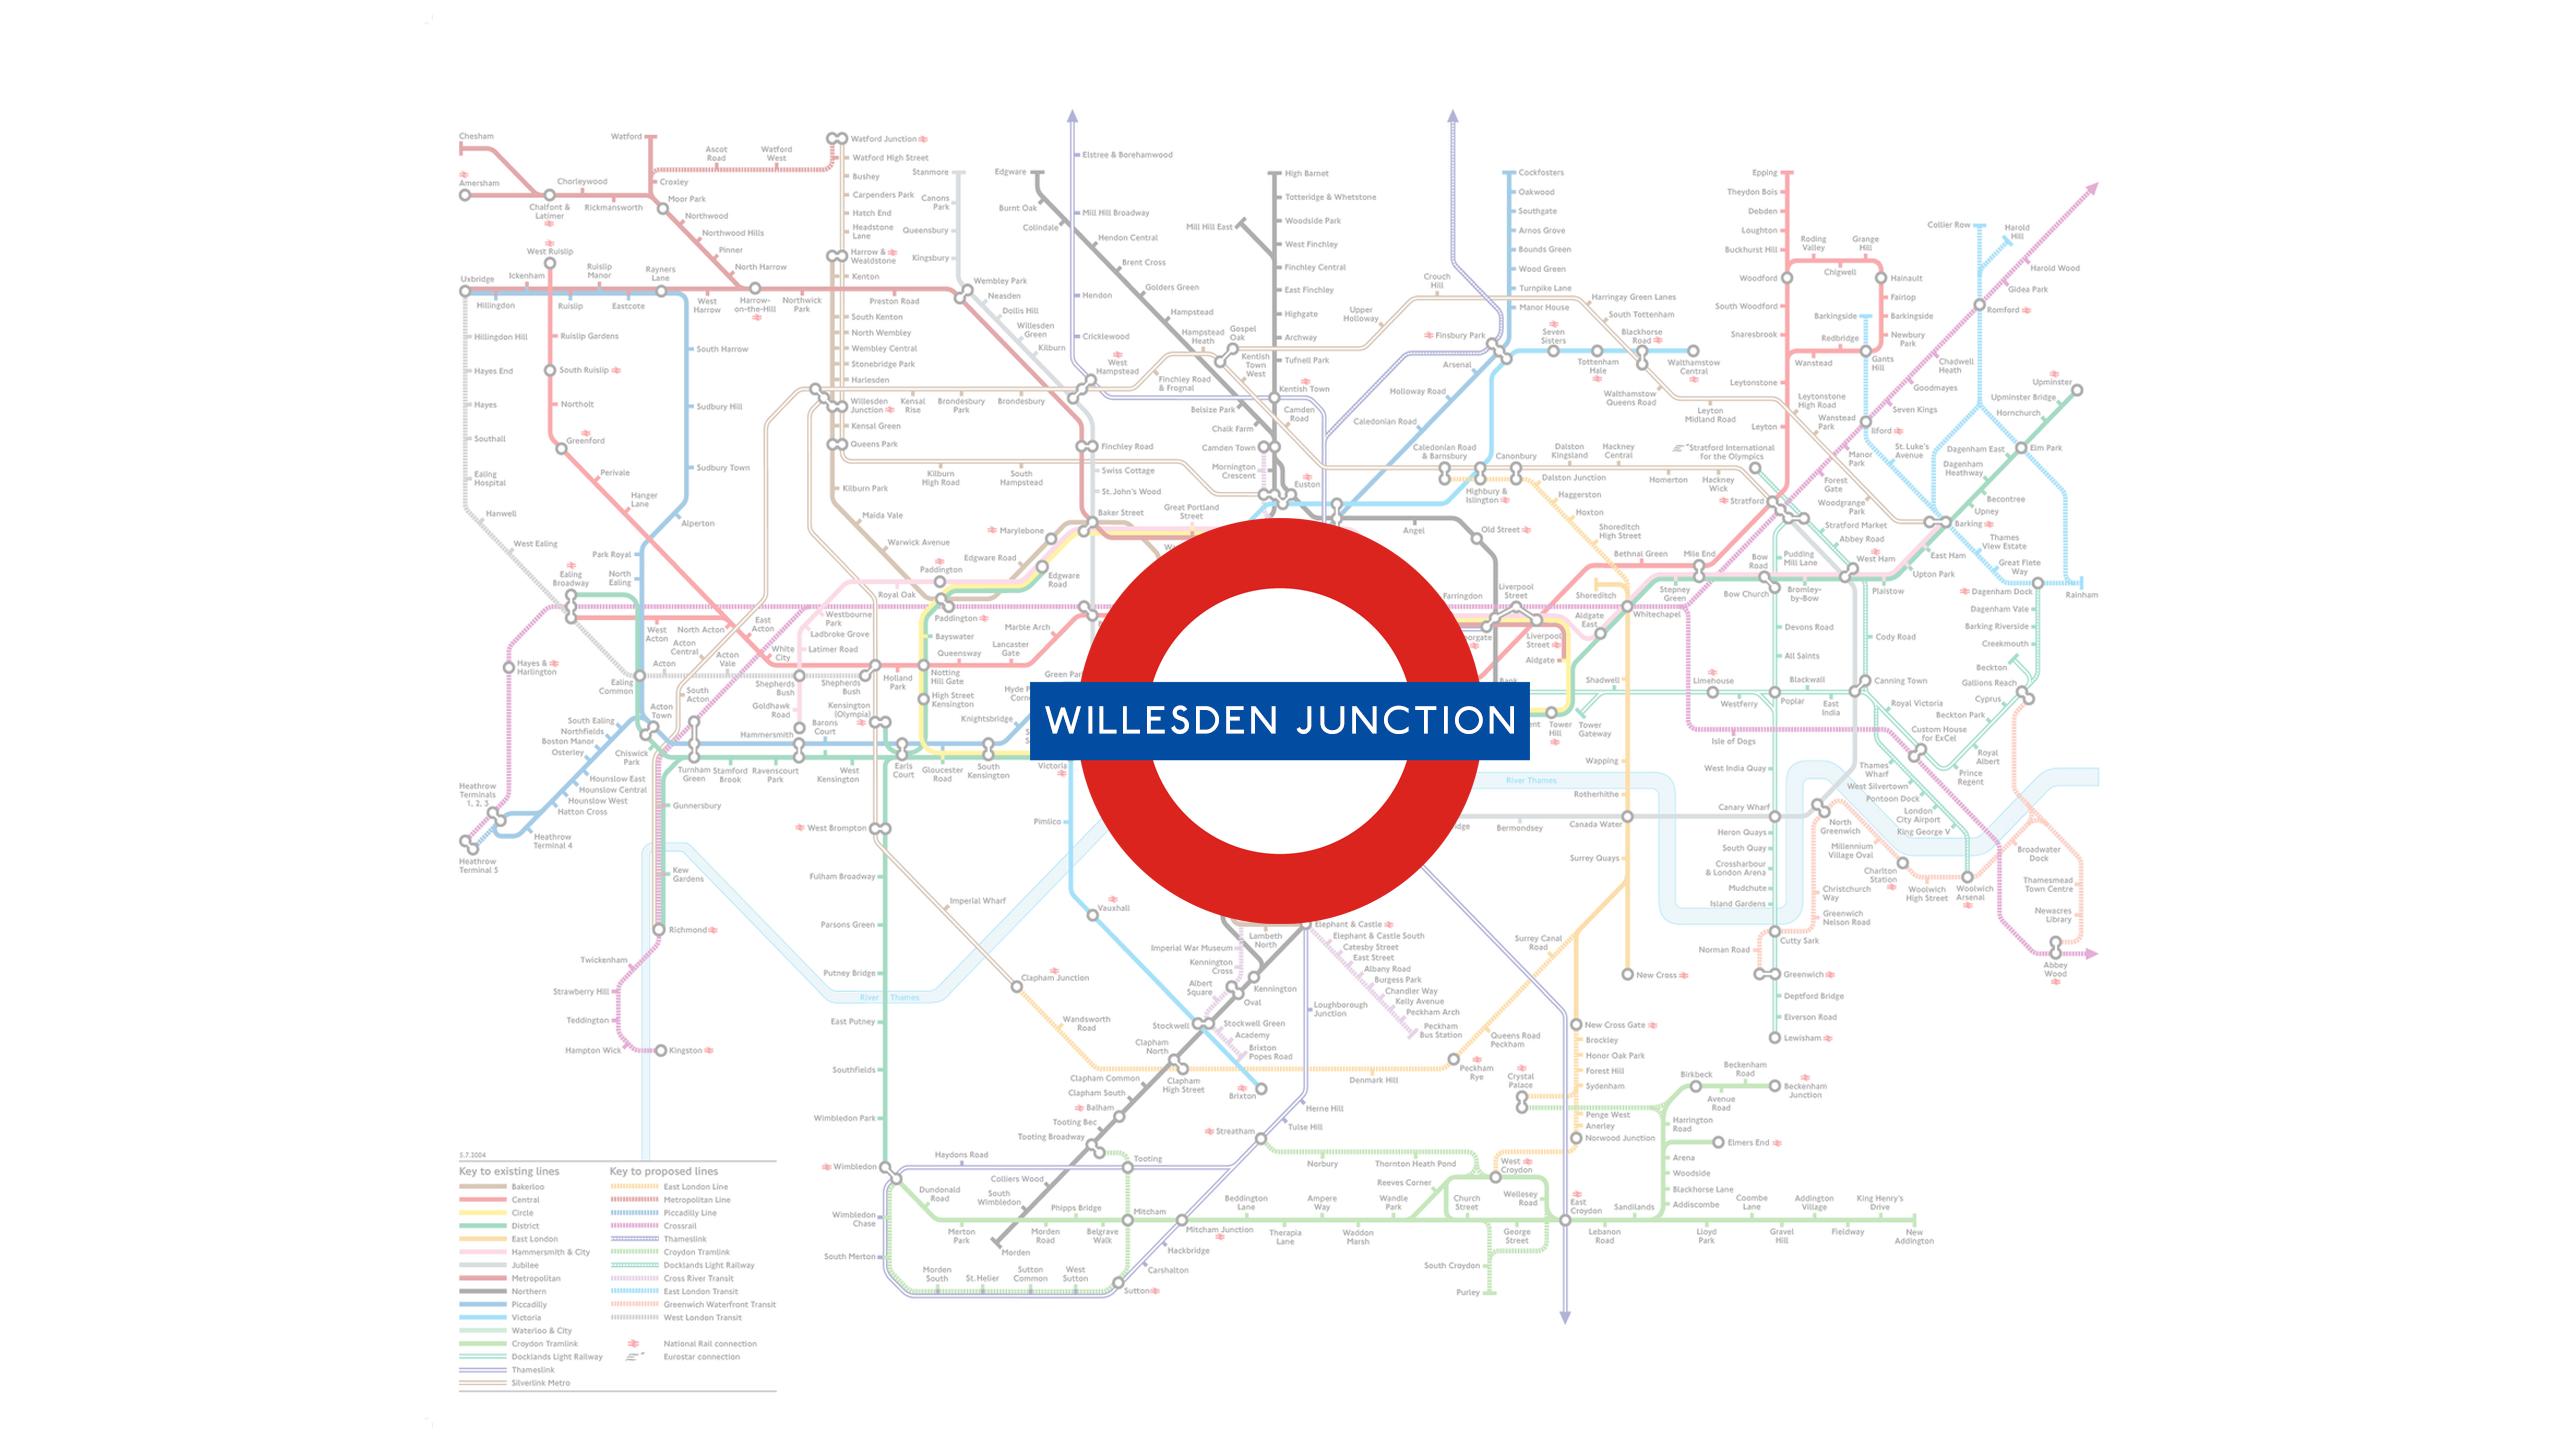 Willesden Junction (Map)